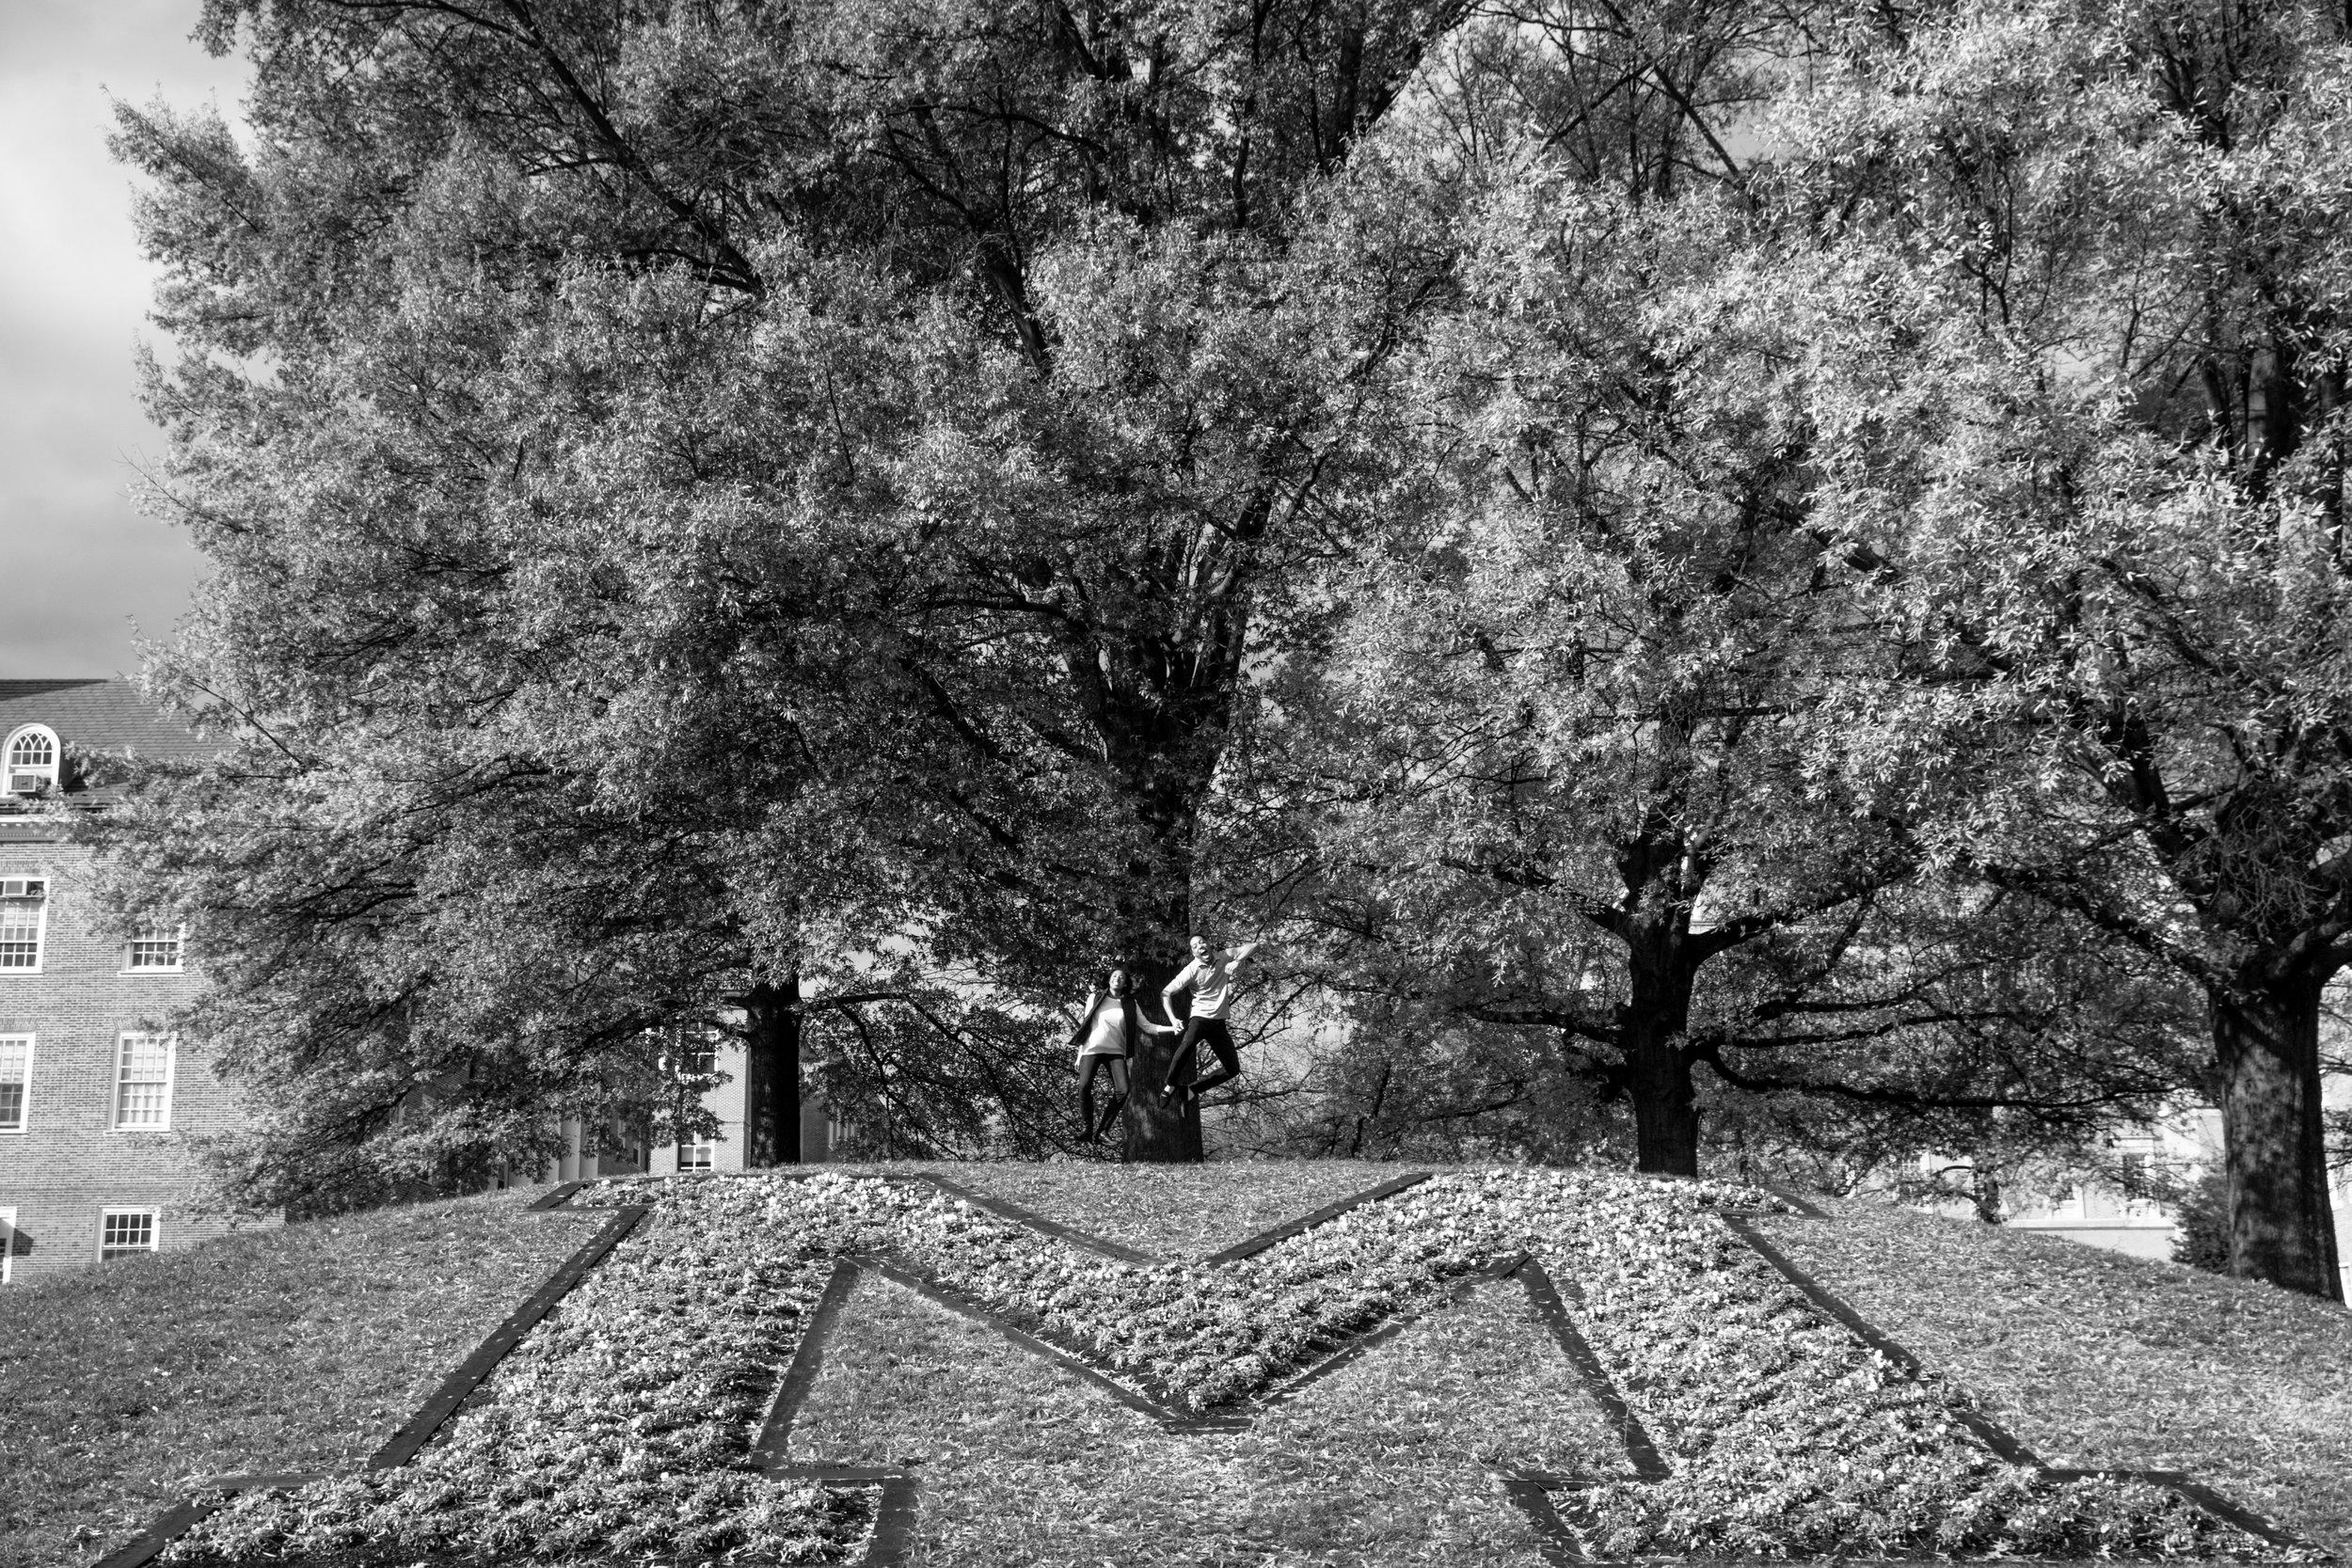 University of Maryland Engagement Session Photography-7.jpg